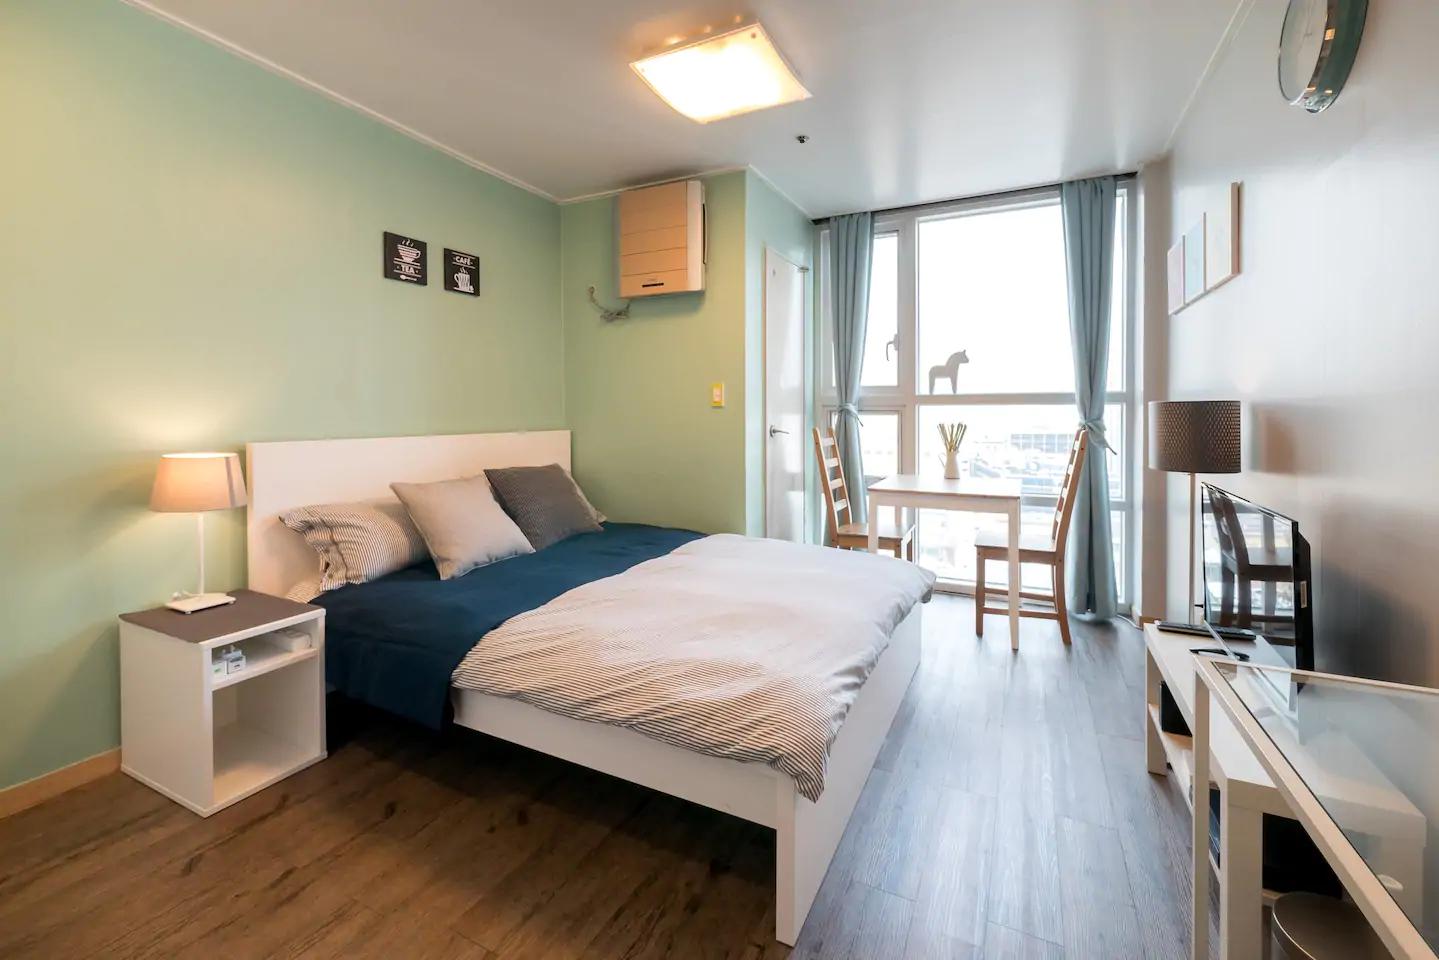 首爾住宿推薦-首爾民宿-舒適工作室 東大門